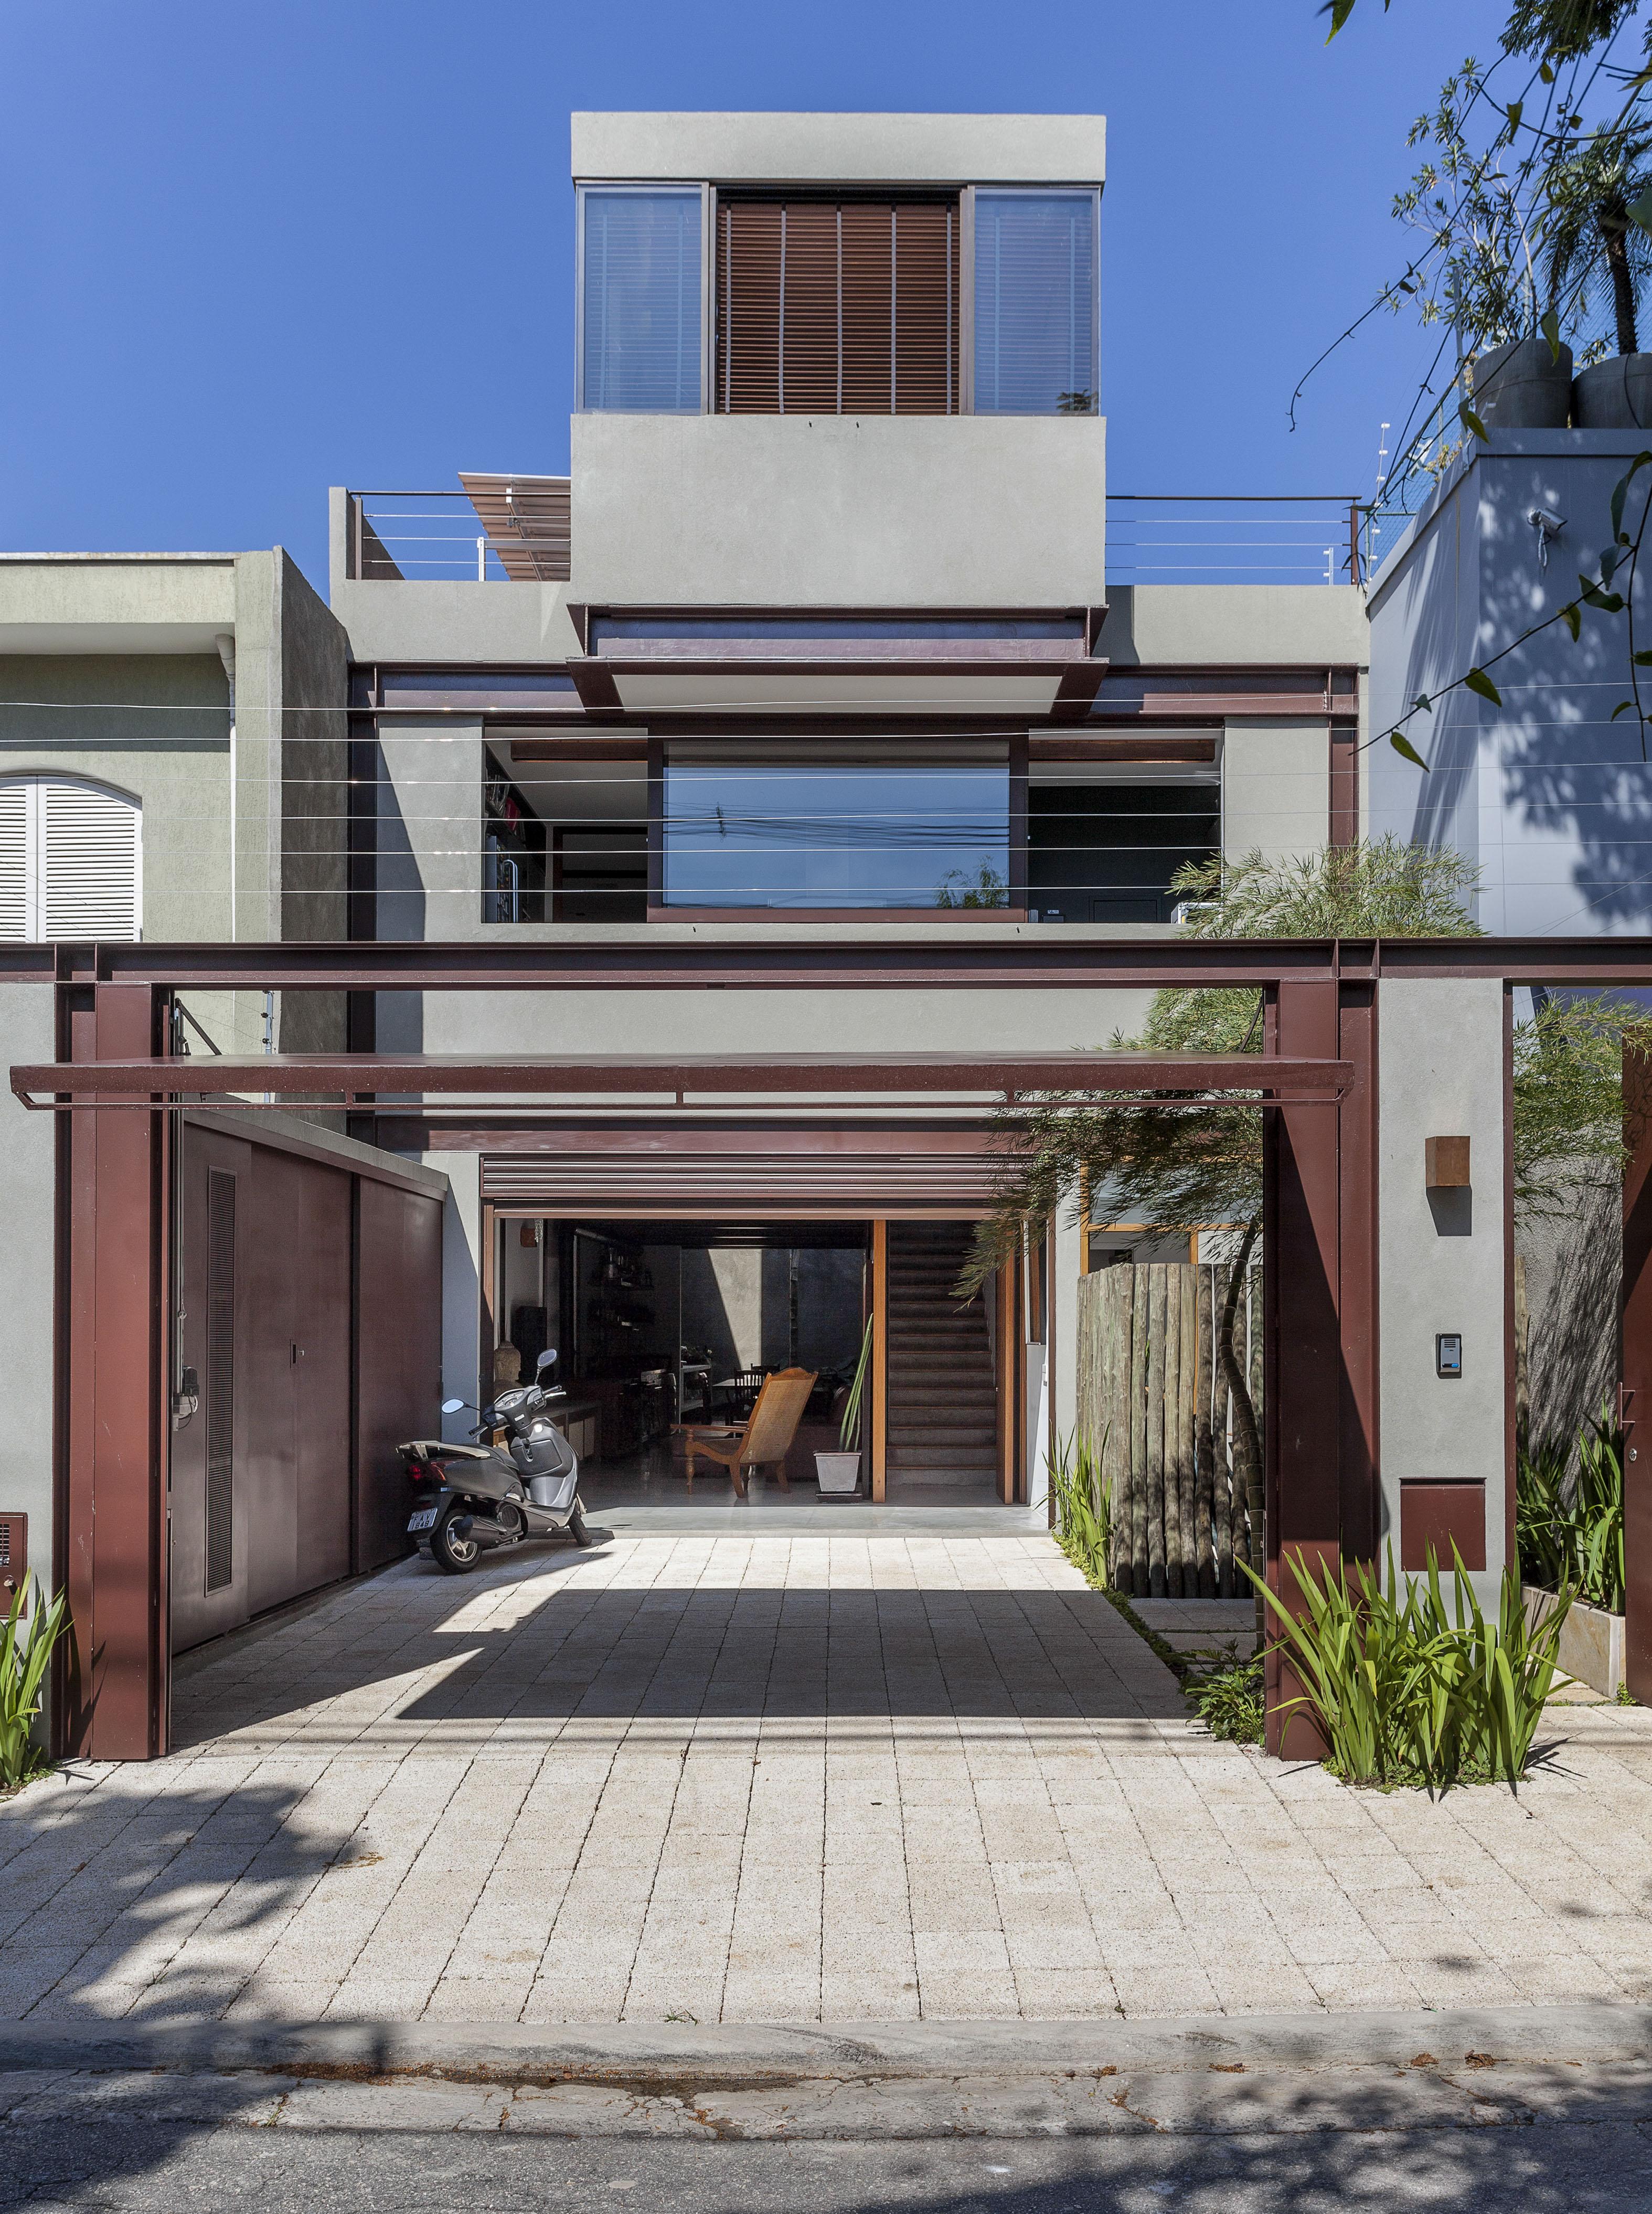 Casa de três andares aproveita o terreno estreito com estilo industrial